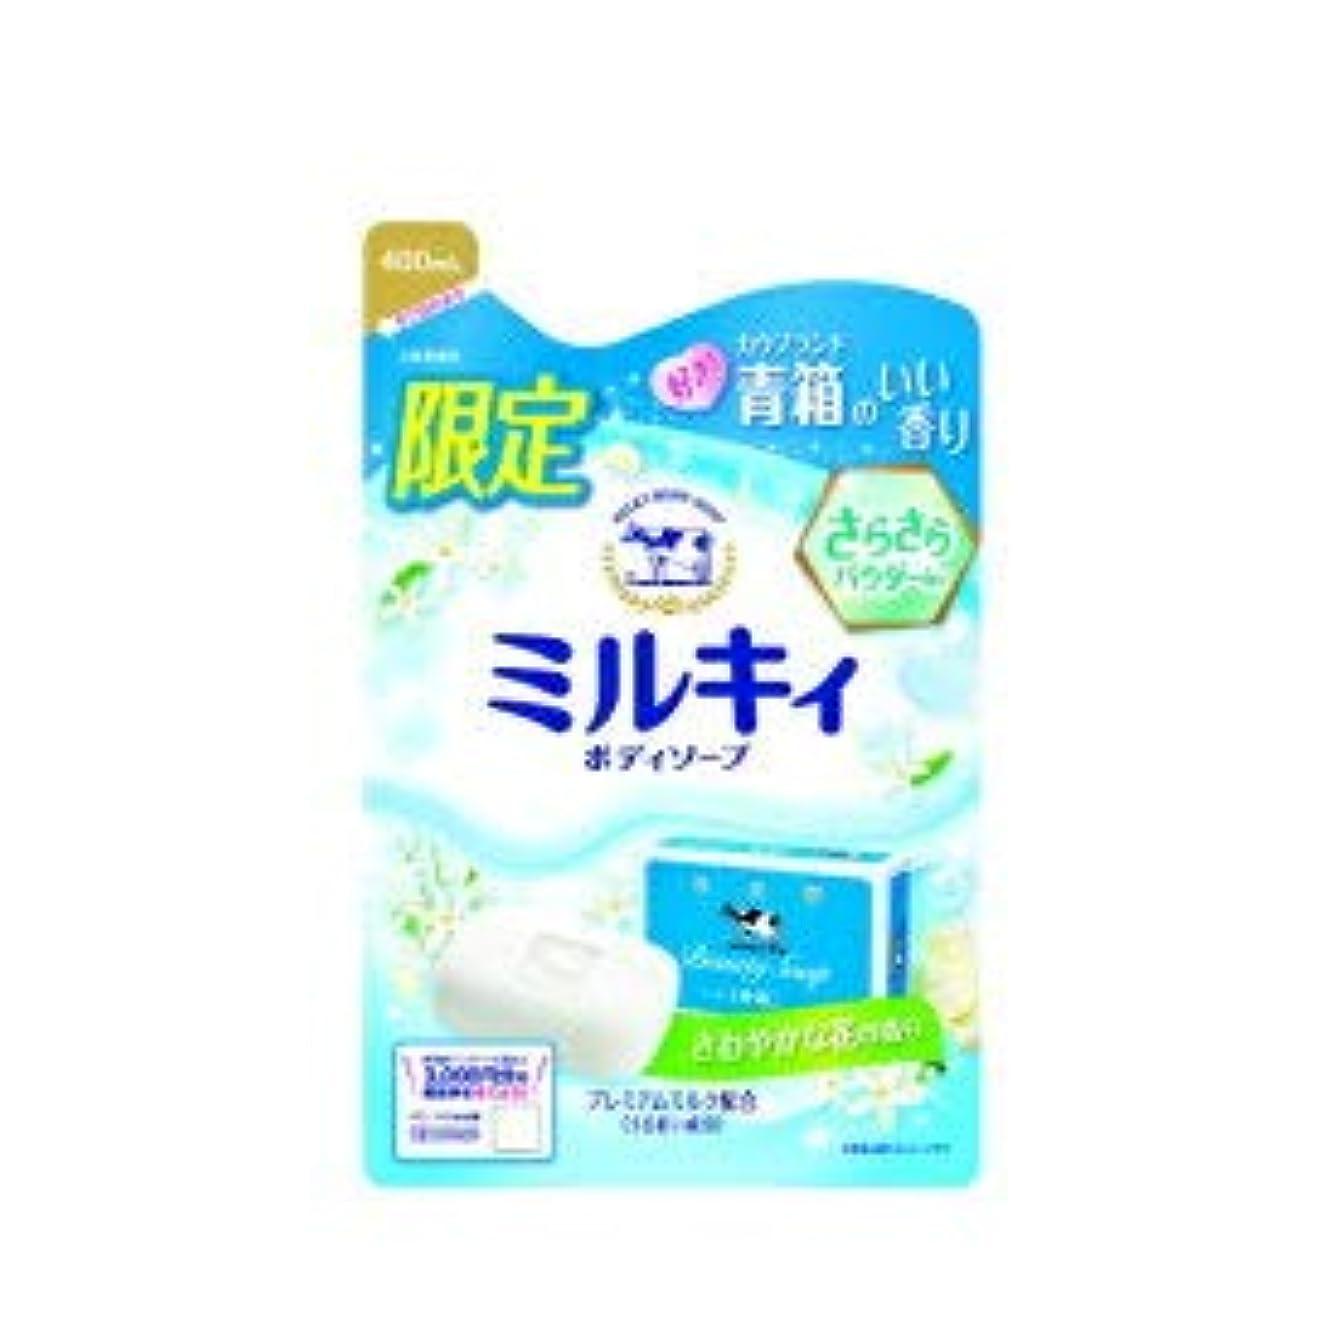 ファイアルモジュール見かけ上【限定】ミルキィボディソープ 青箱の香り 詰替 400ml